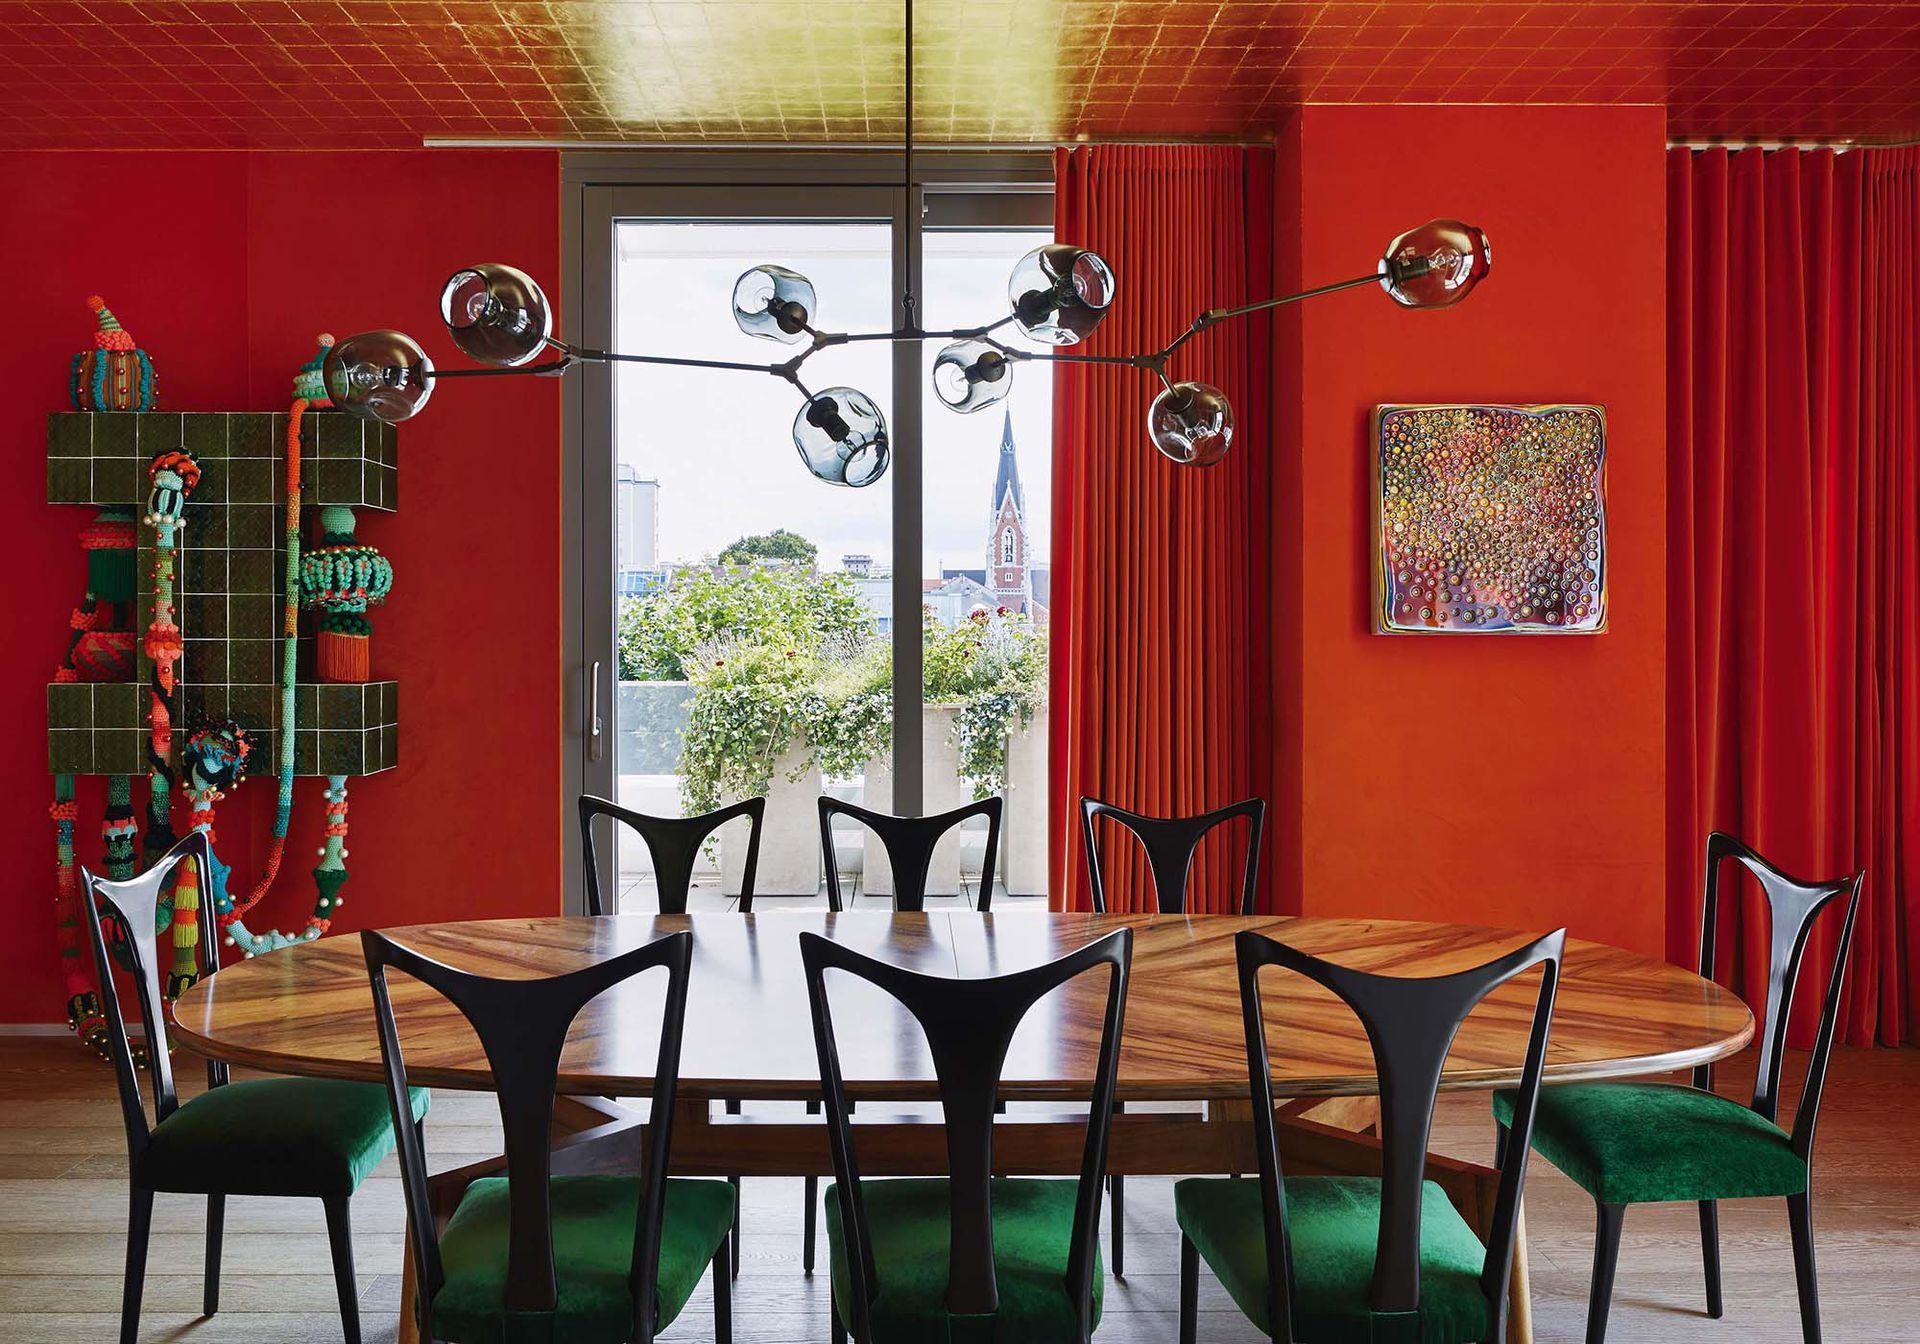 Mesa de nogal (Kerylos Intérieurs), sillas de Guglielmo Ulrich tapizadas con terciopelo y lámpara de la gran Lindsey Adelman. Las cortinas se hicieron con género de Hermès en su naranja característico.